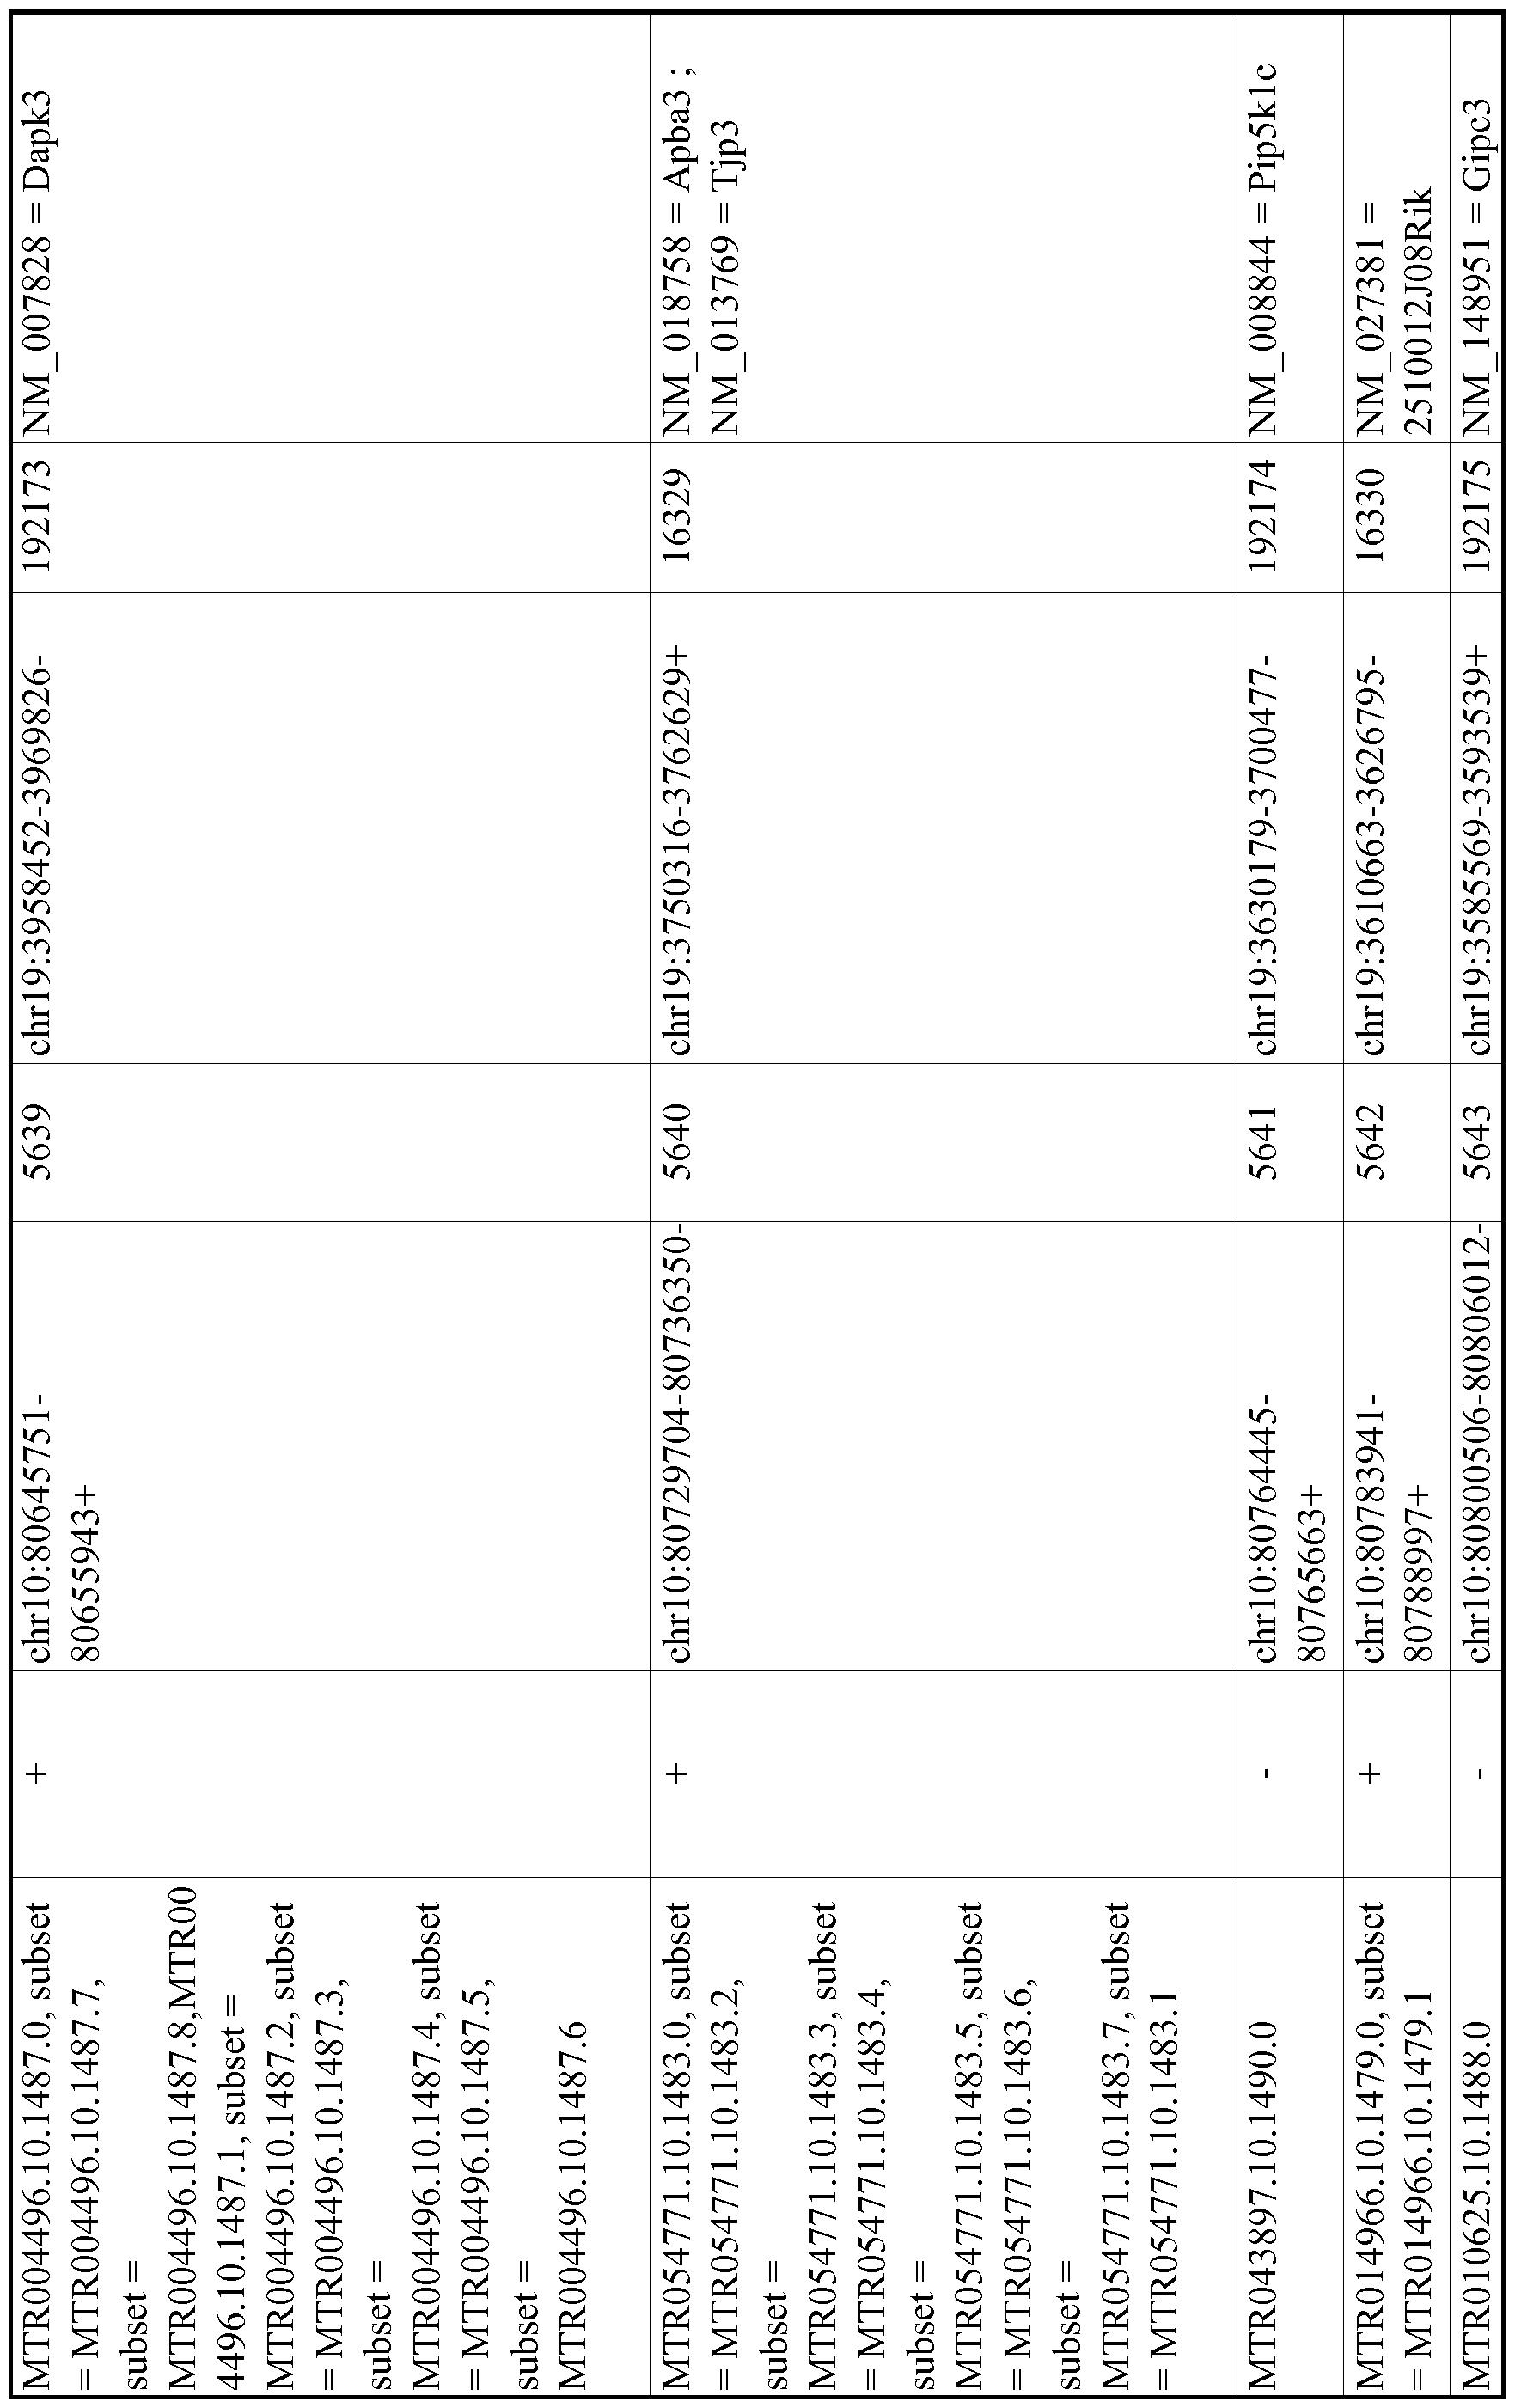 Figure imgf001018_0001